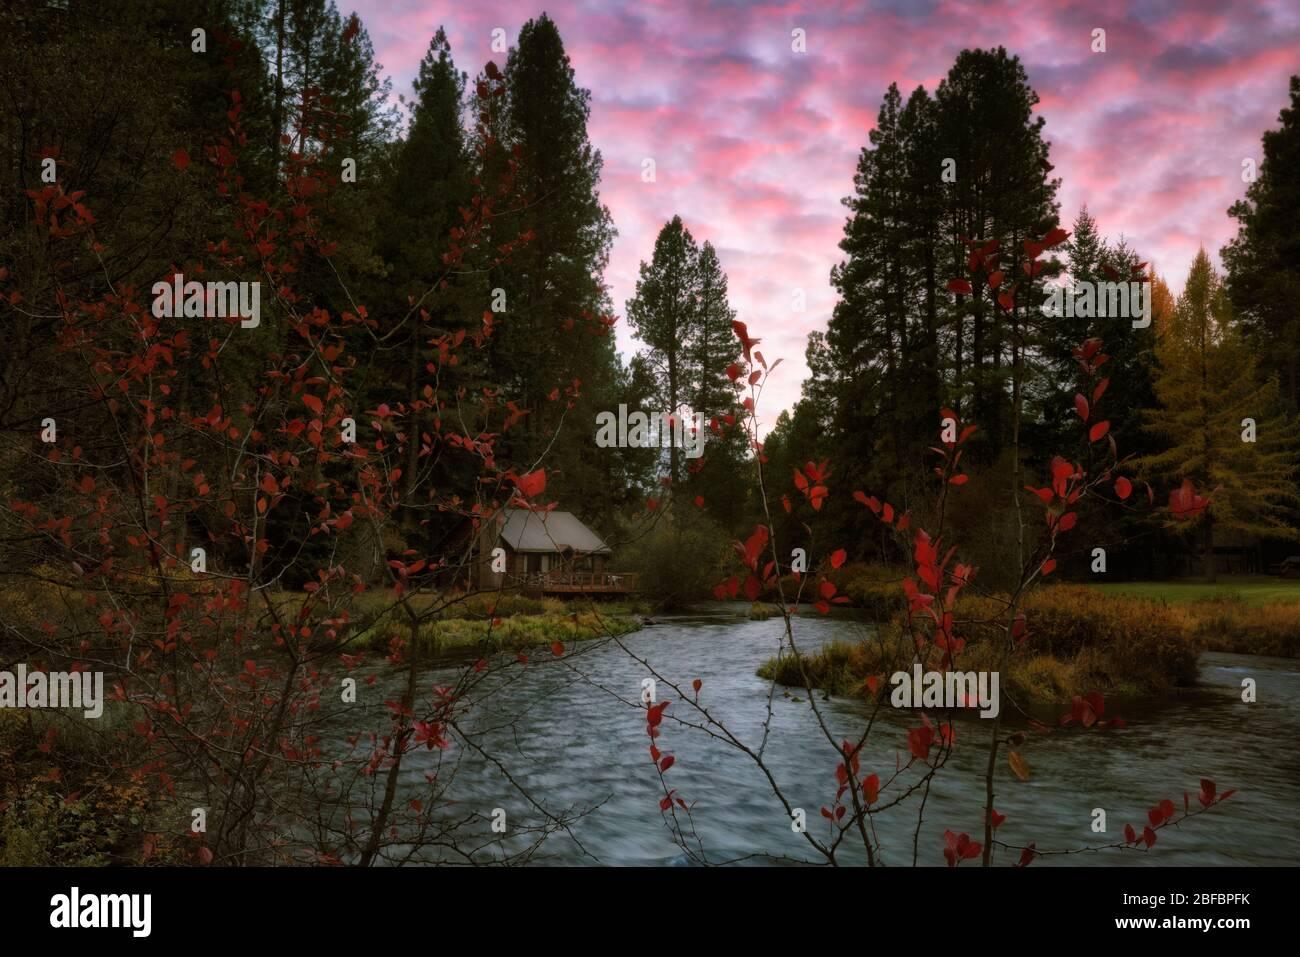 Herbstuntergang über dem Metolius River in Camp Sherman im Jefferson County im Zentrum von Oregon. Stockfoto